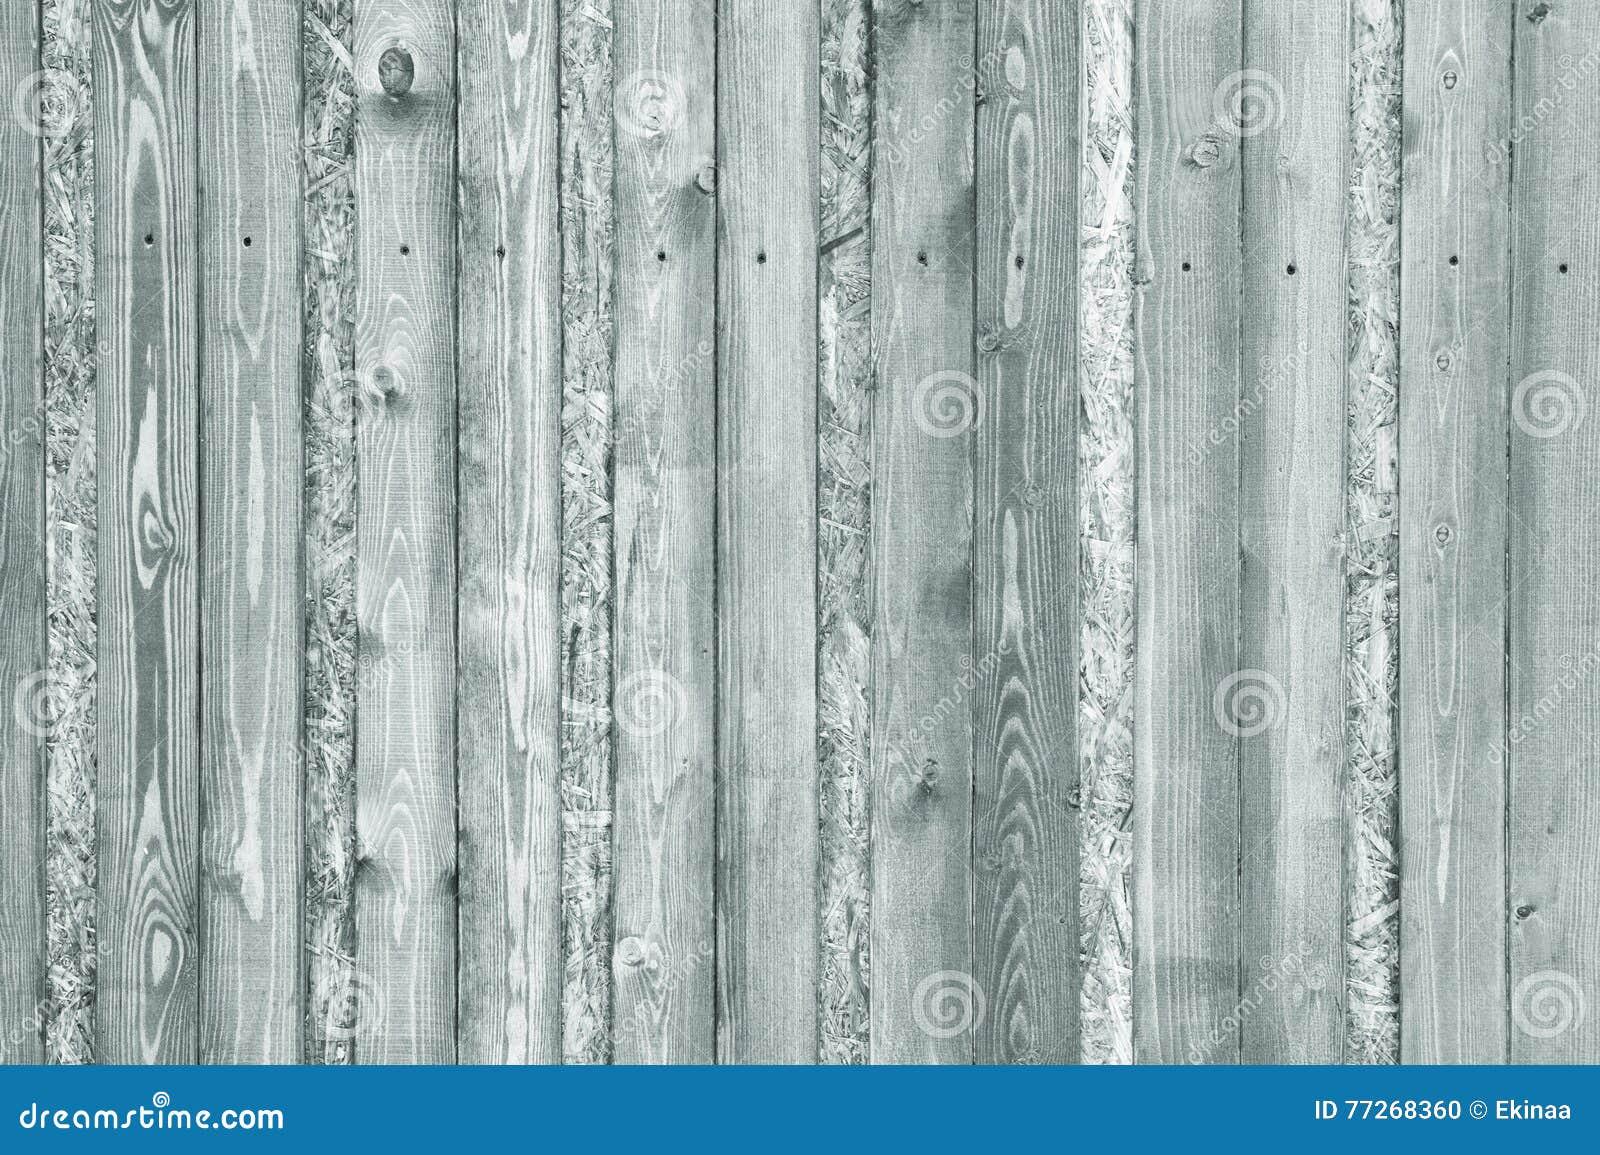 Beschaffenheit Hintergrund Hintergrund Holzerne Latten Zaun Wand